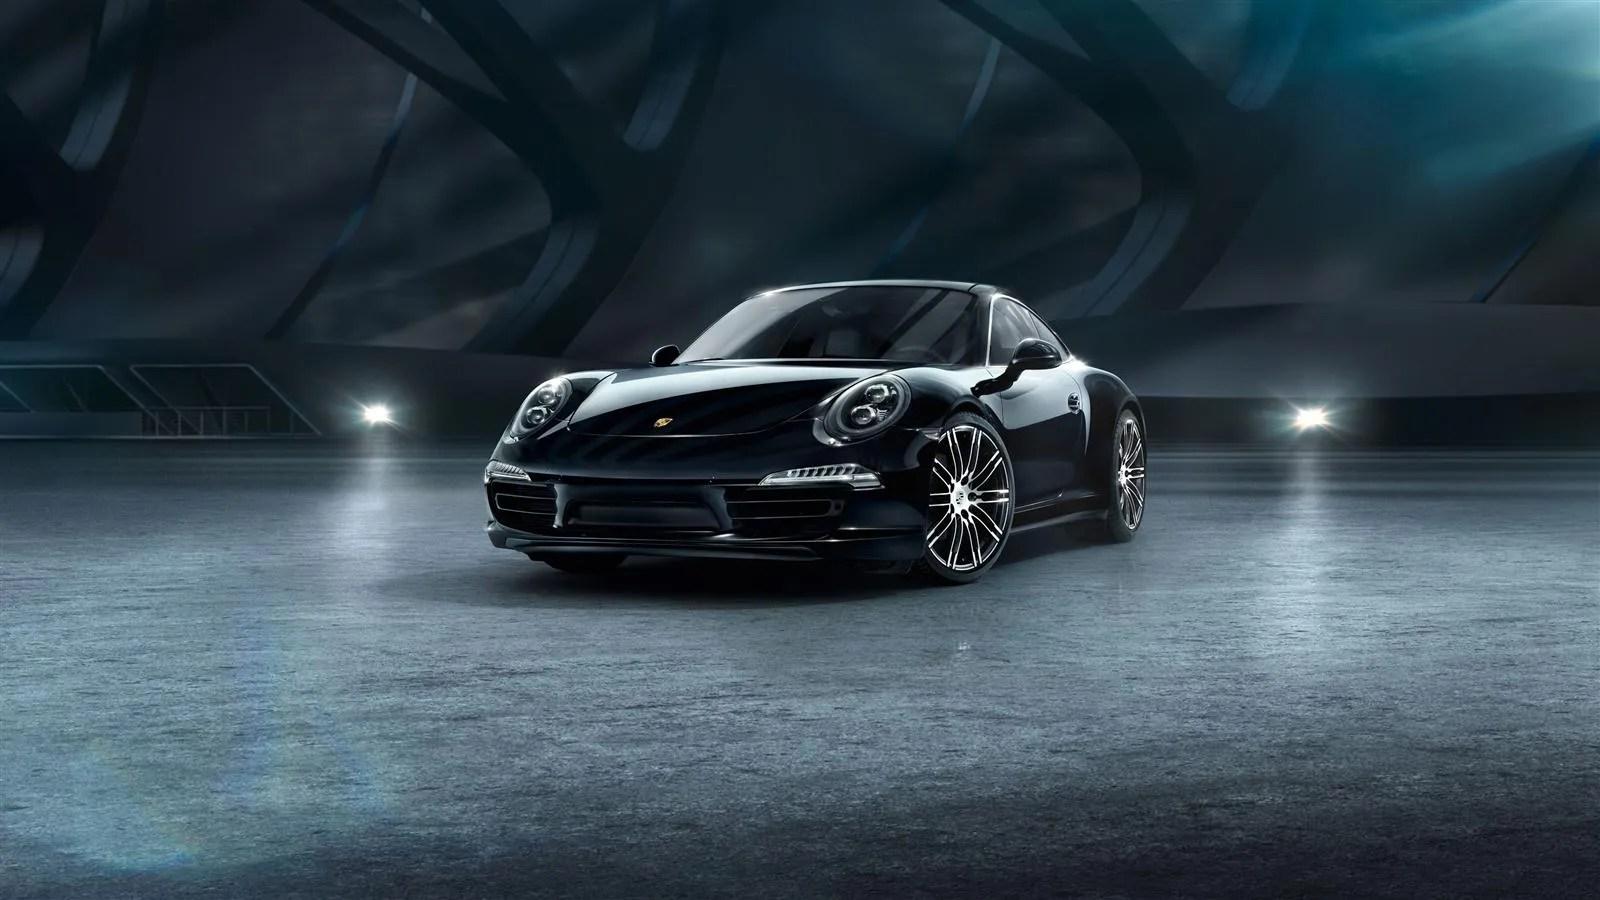 Porsche Carrera Suv Price